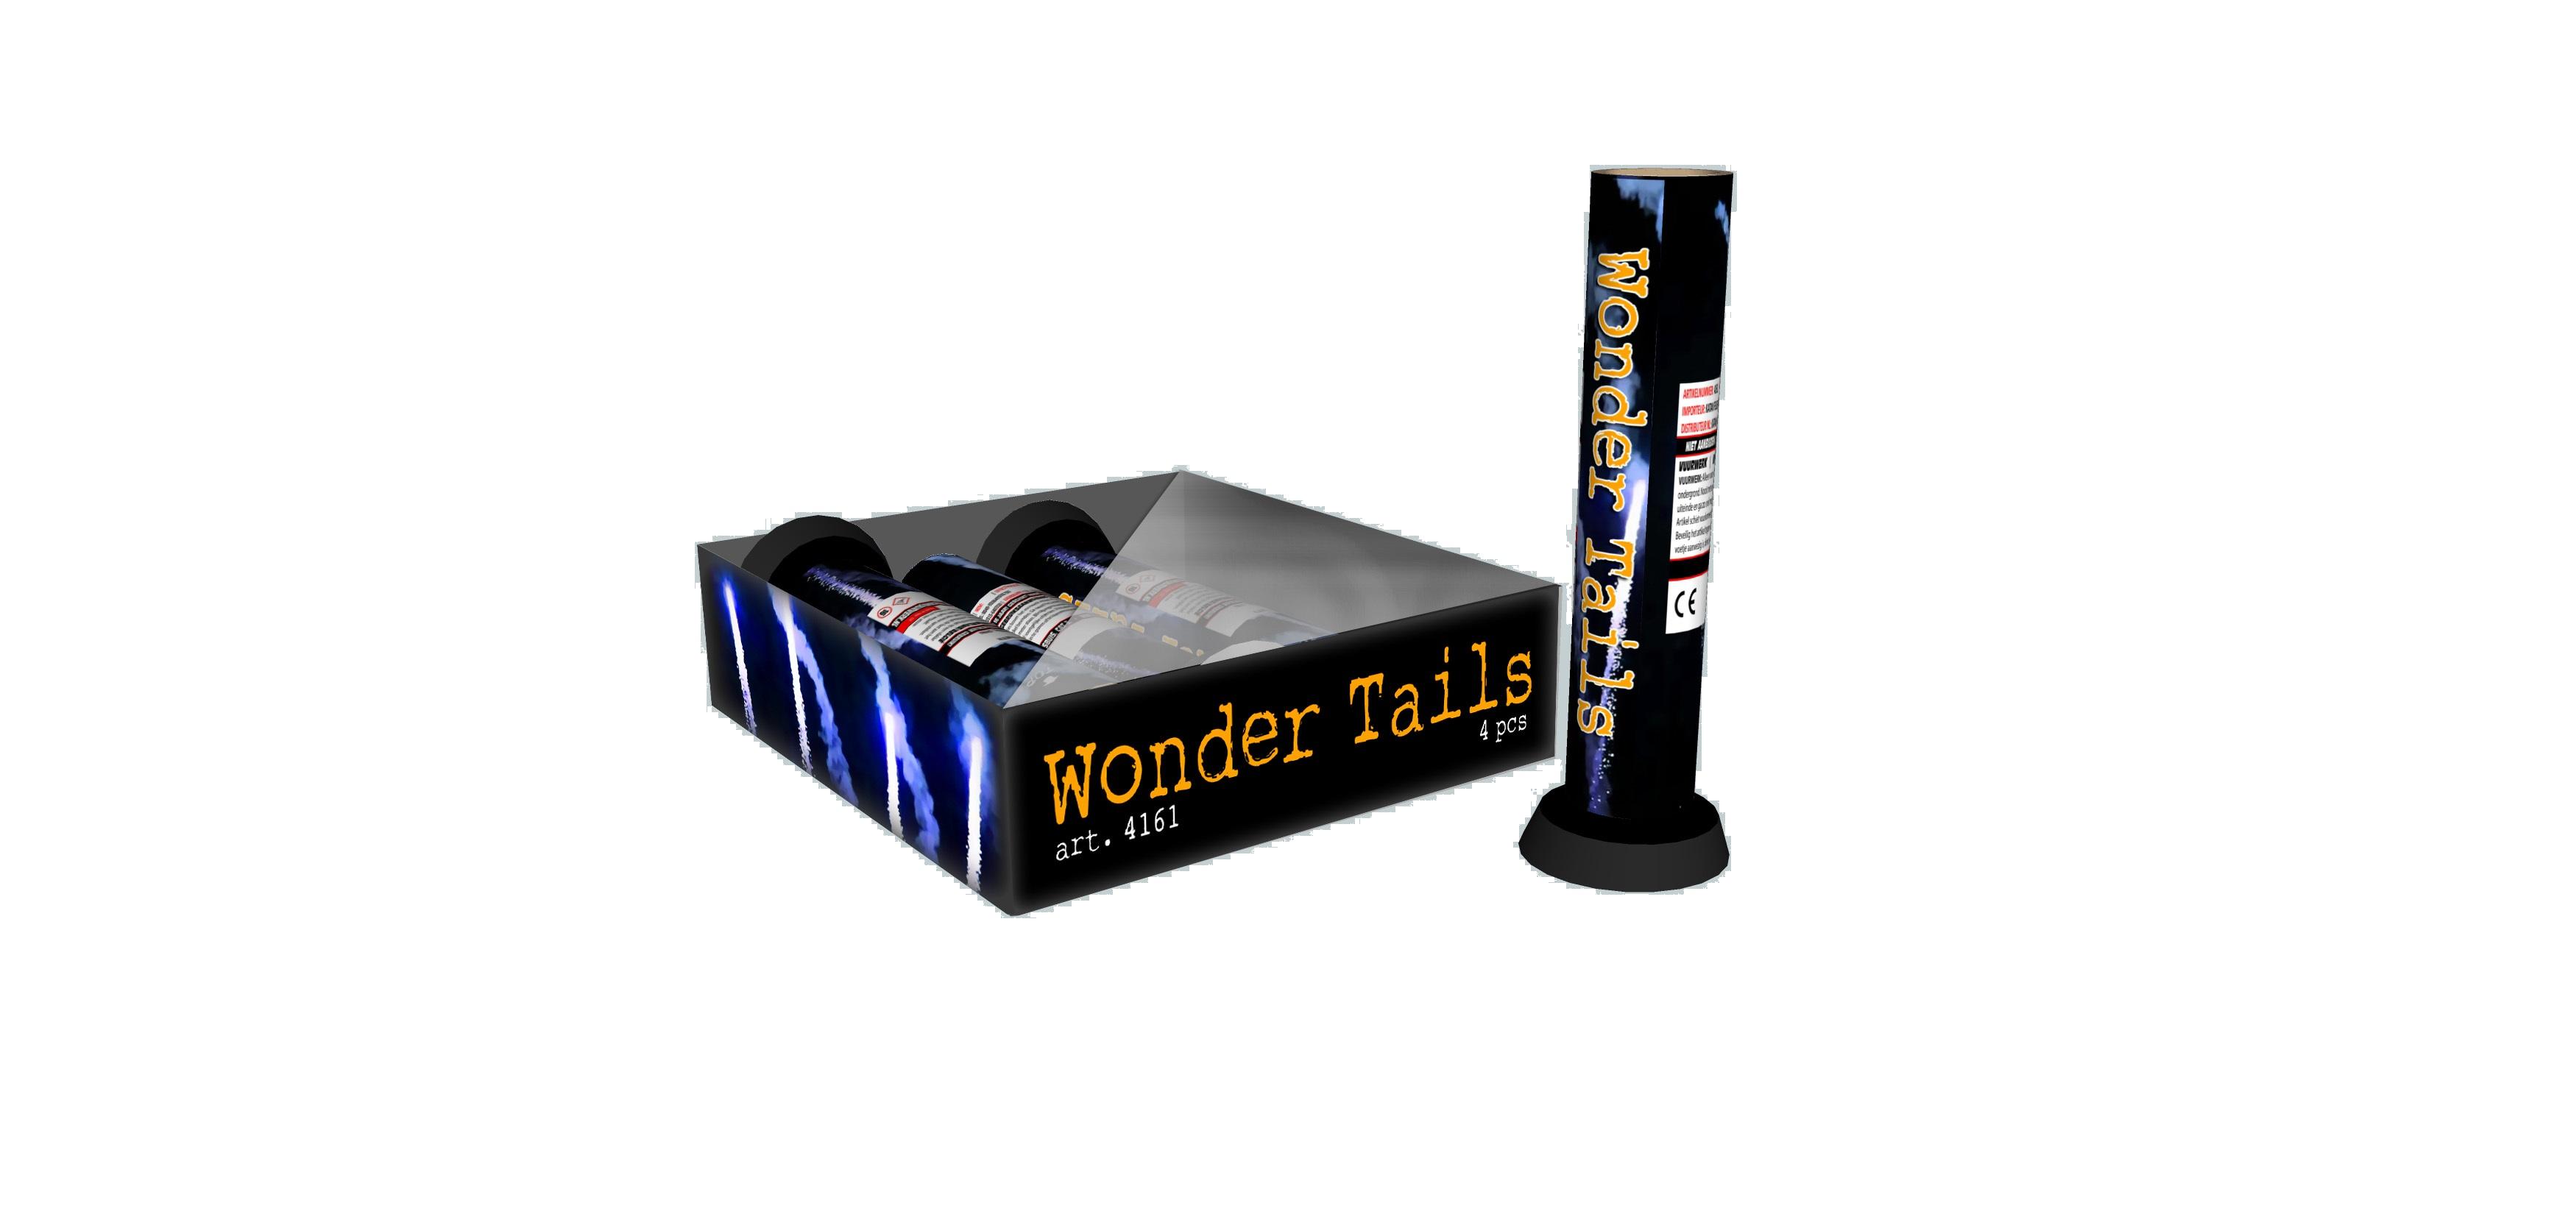 Wonder tails